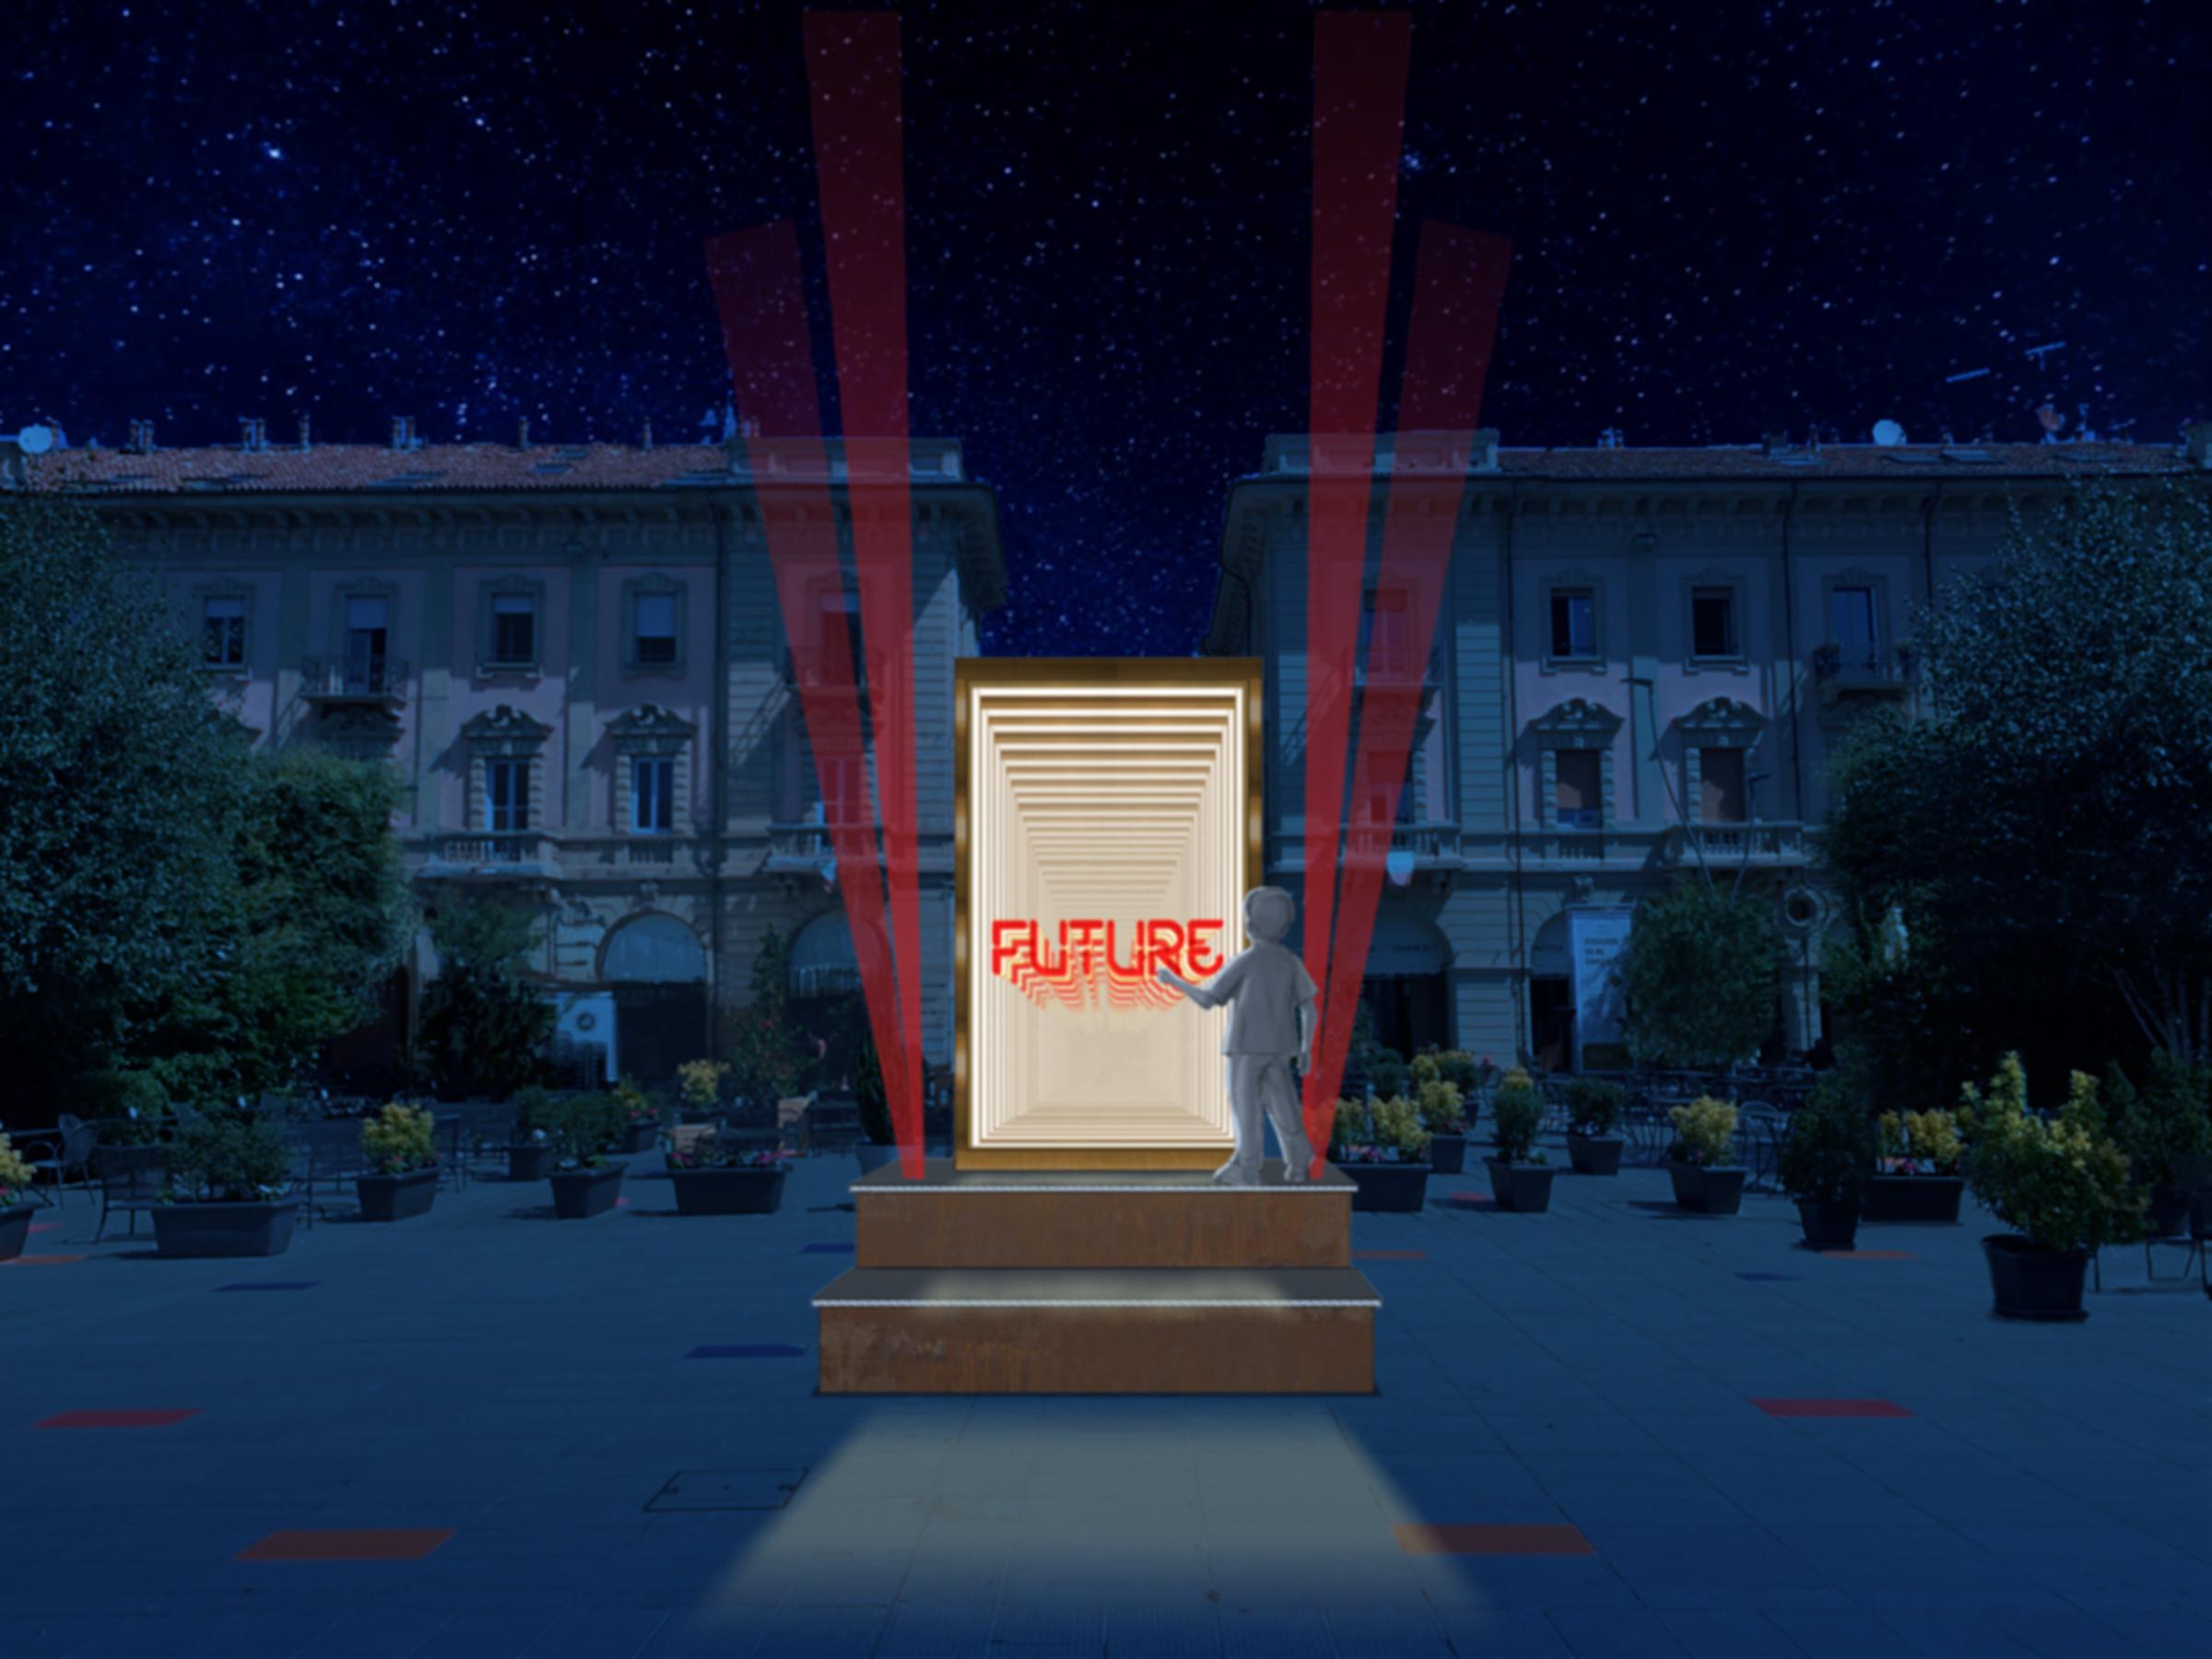 Alba: in piazza Ferrero viene proposta una riflessione sul futuro (Cuneo Provincia Futura)